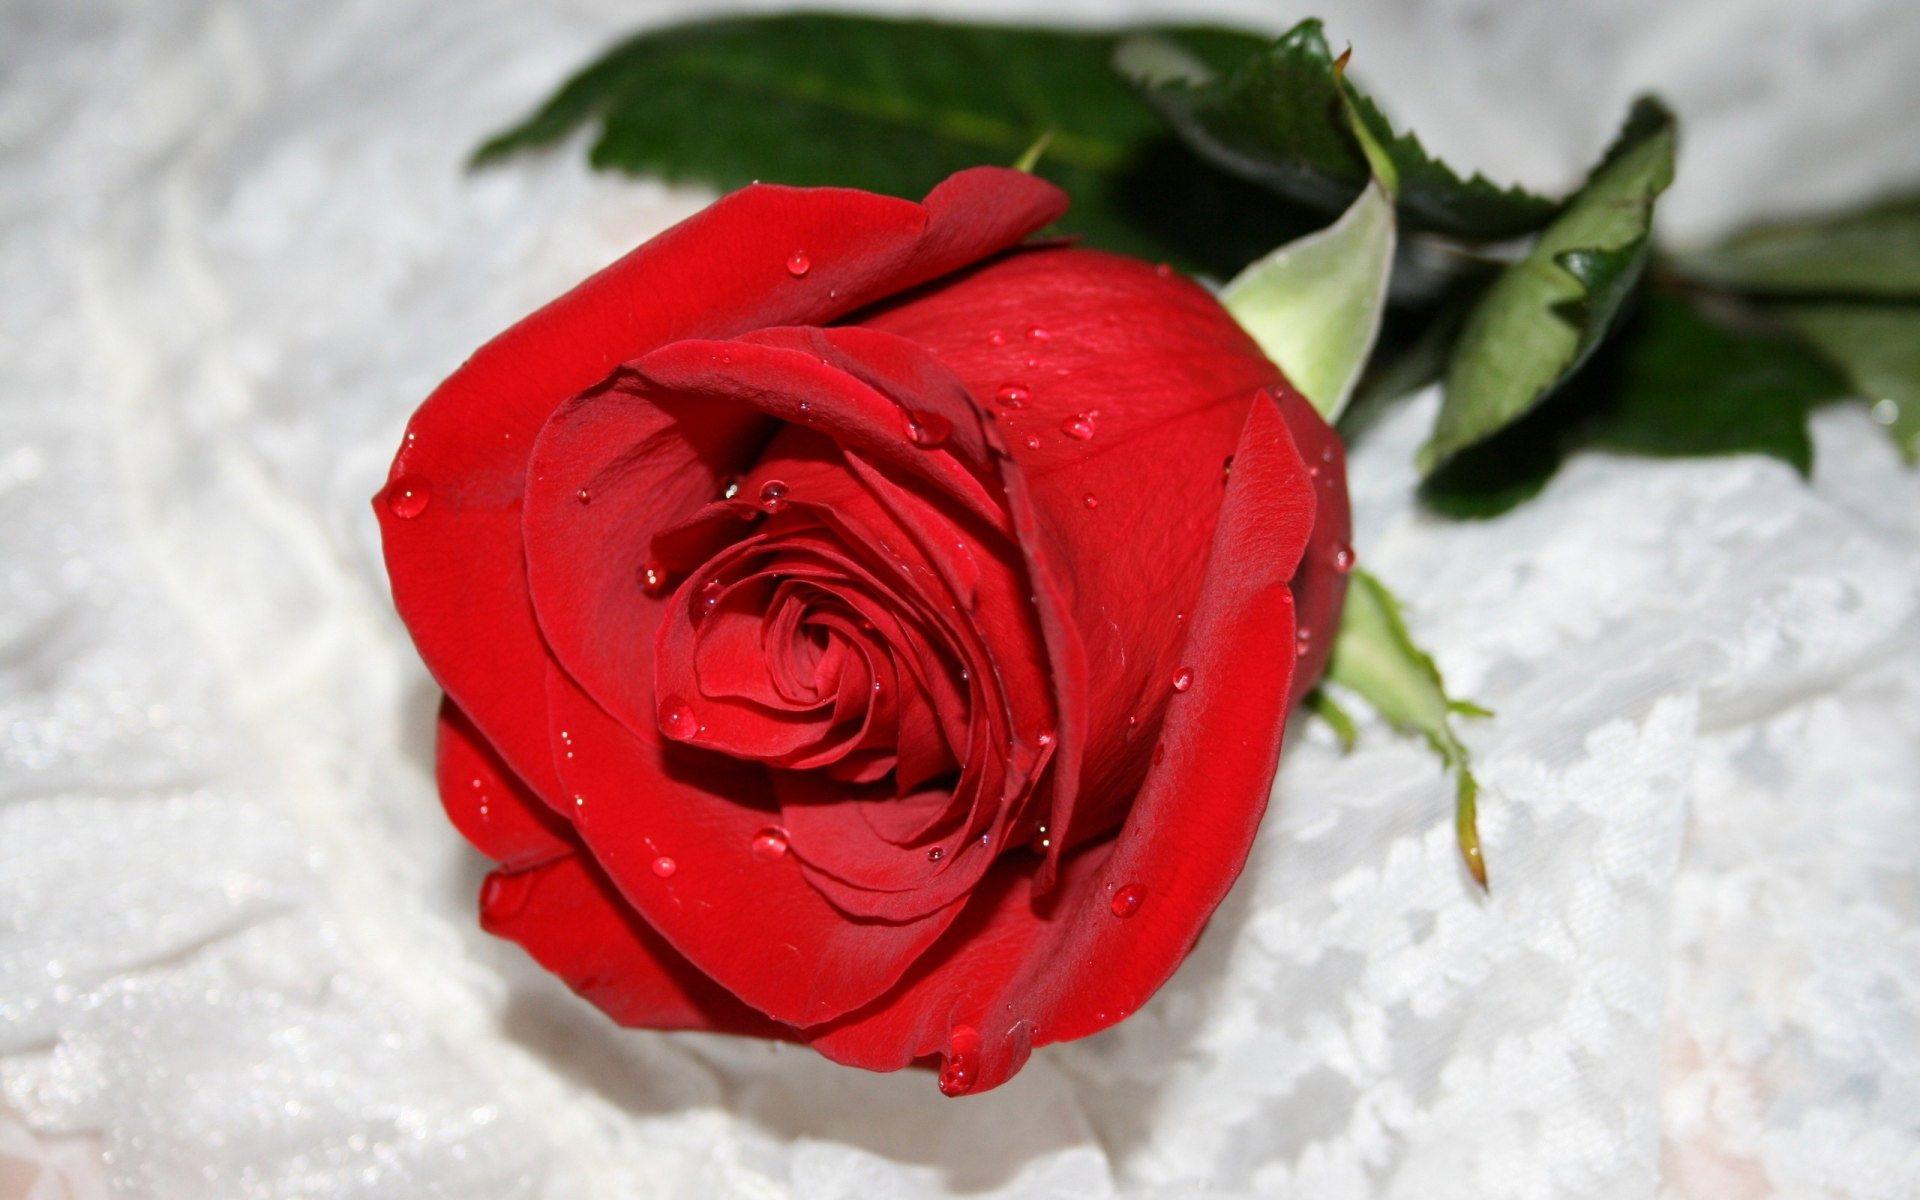 Gambar Bunga Mawar Merah Cantik 11 Gambar Wallpapersforfree